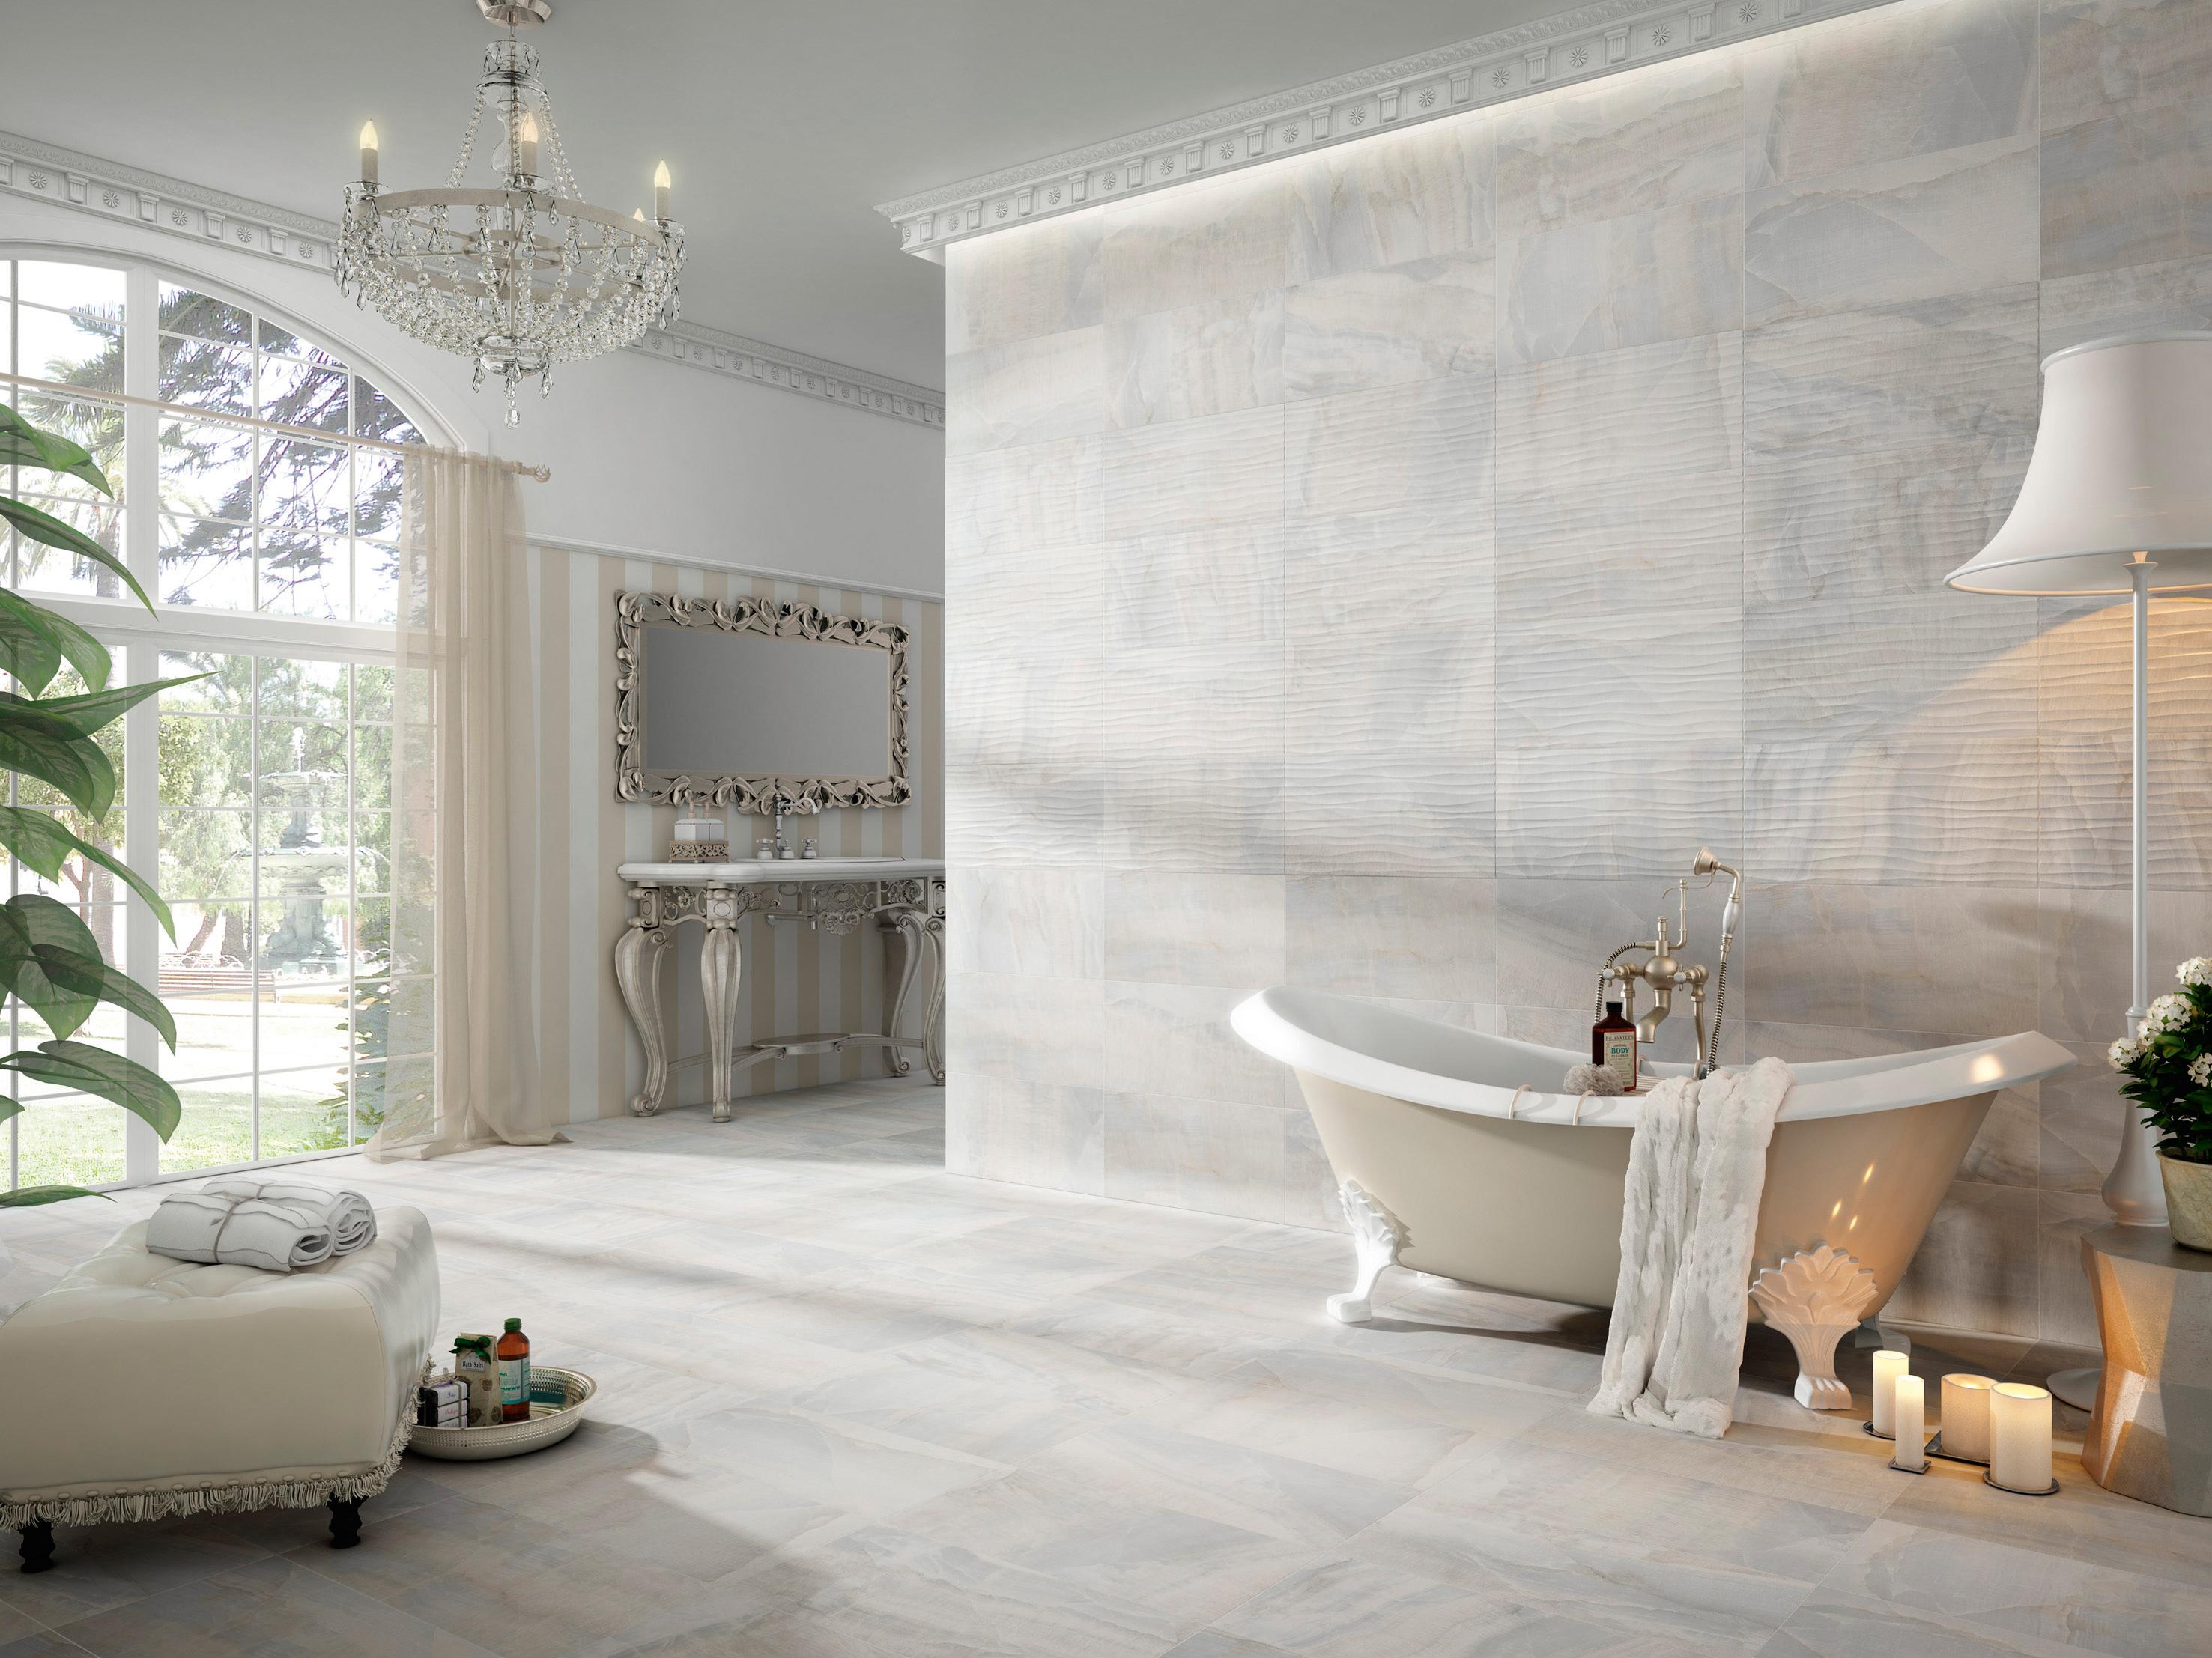 Cer micas y frisos 7 ideas para vestir tus paredes que te for Ceramica para revestir paredes